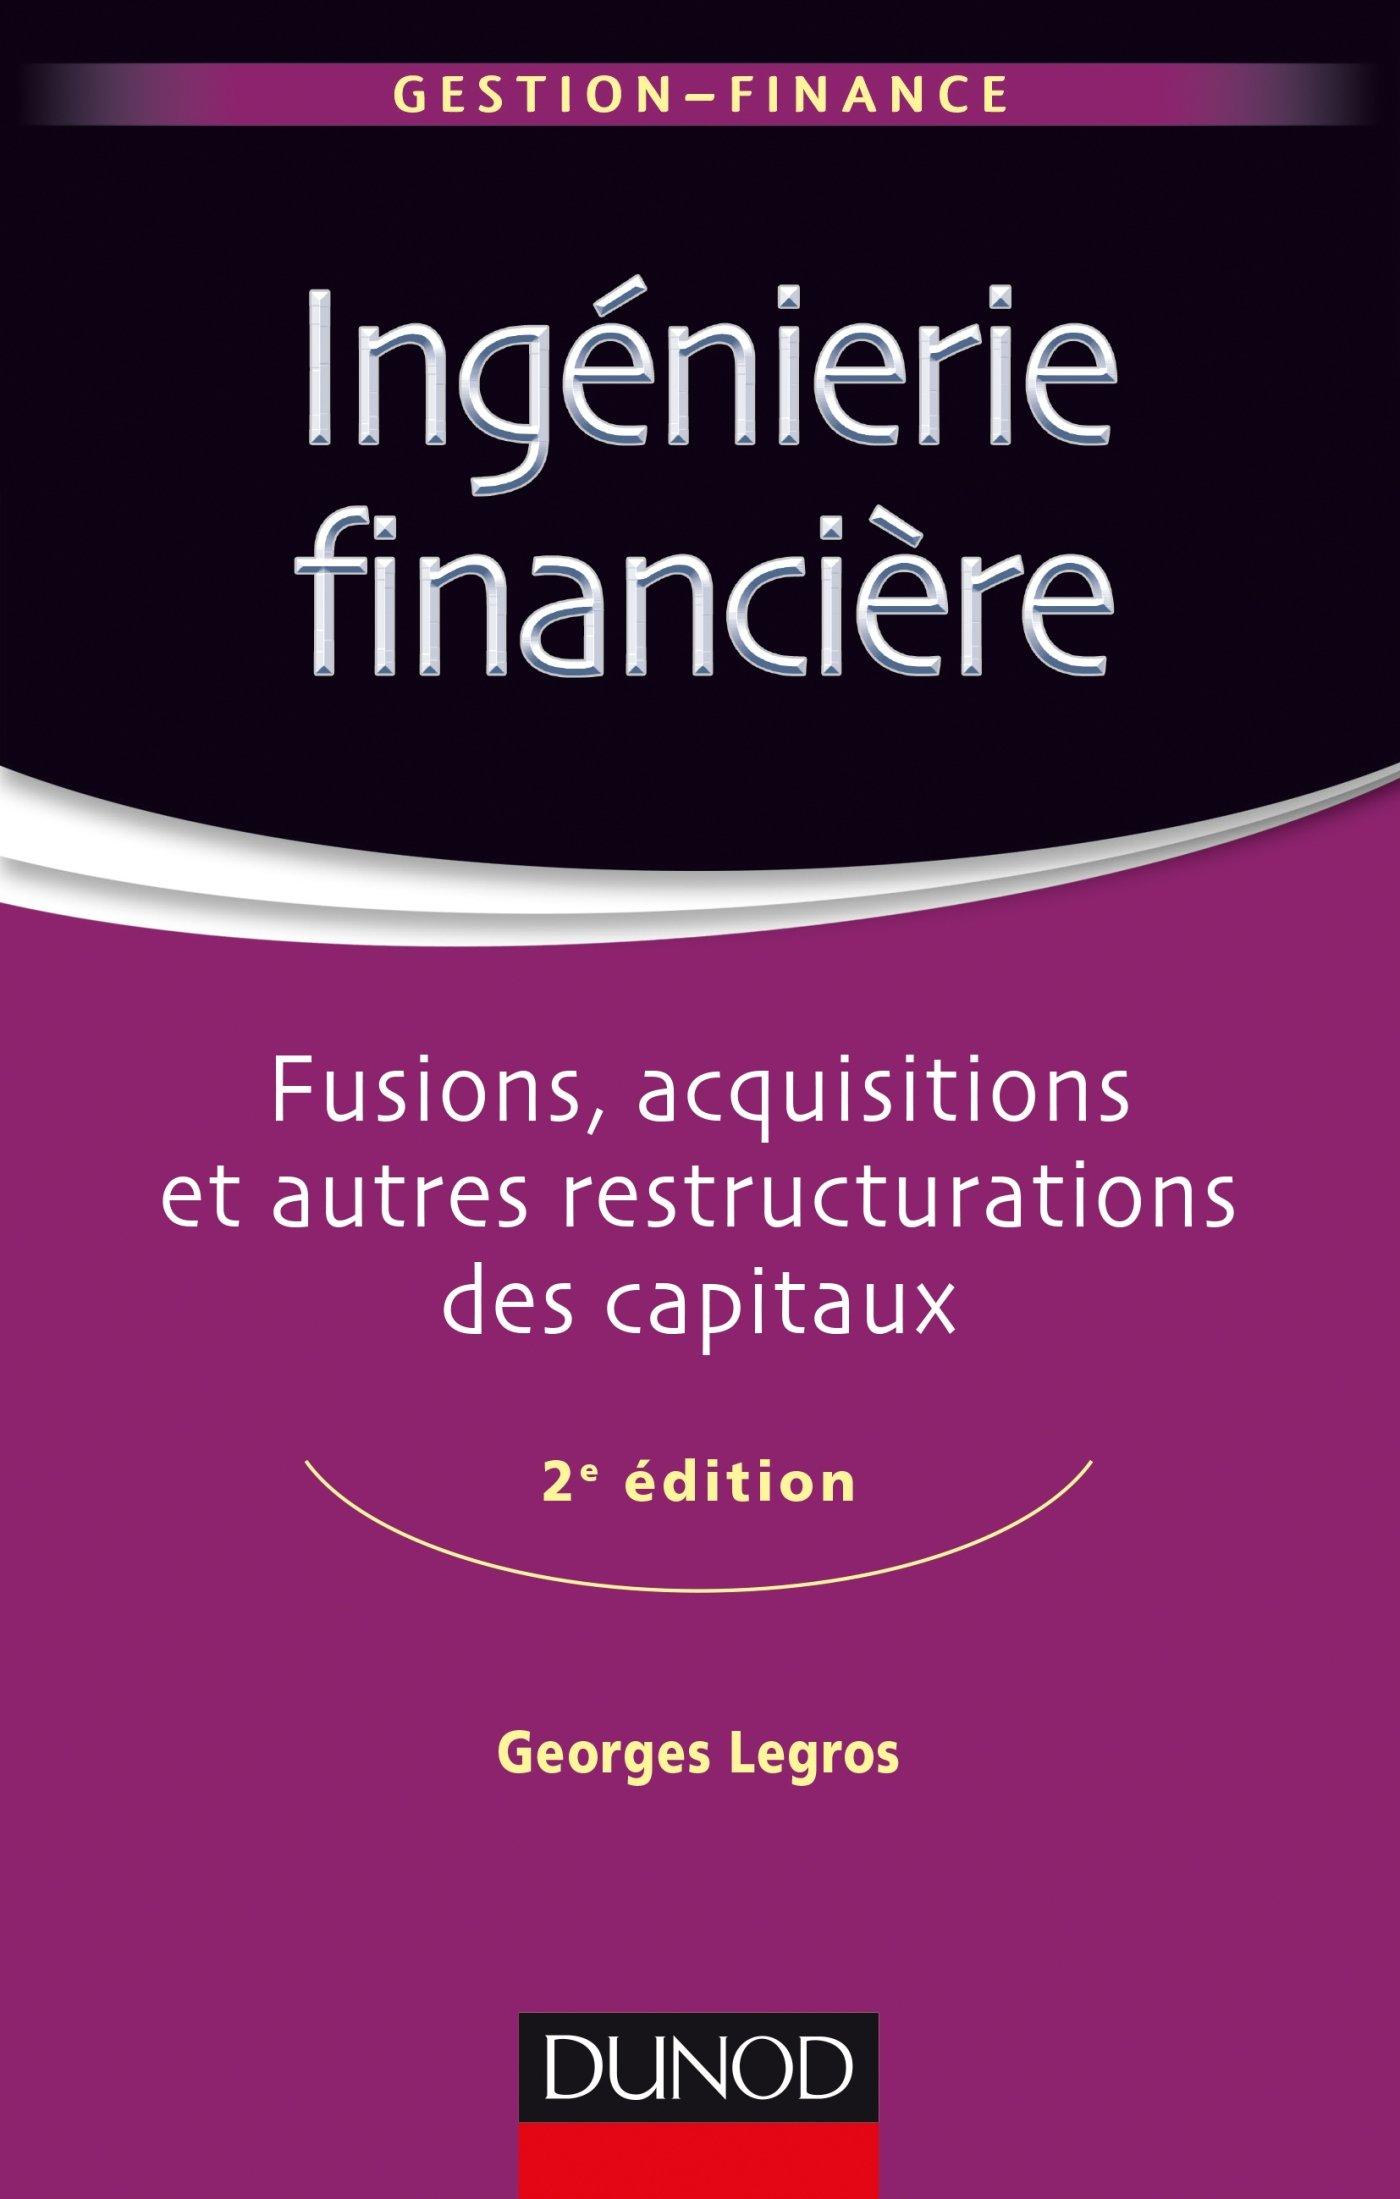 Ingénierie financière - 2e éd. - Fusions, acquisitions et autres restructurations des capitaux Broché – 17 août 2016 Georges Legros Dunod 2100749781 Entreprise